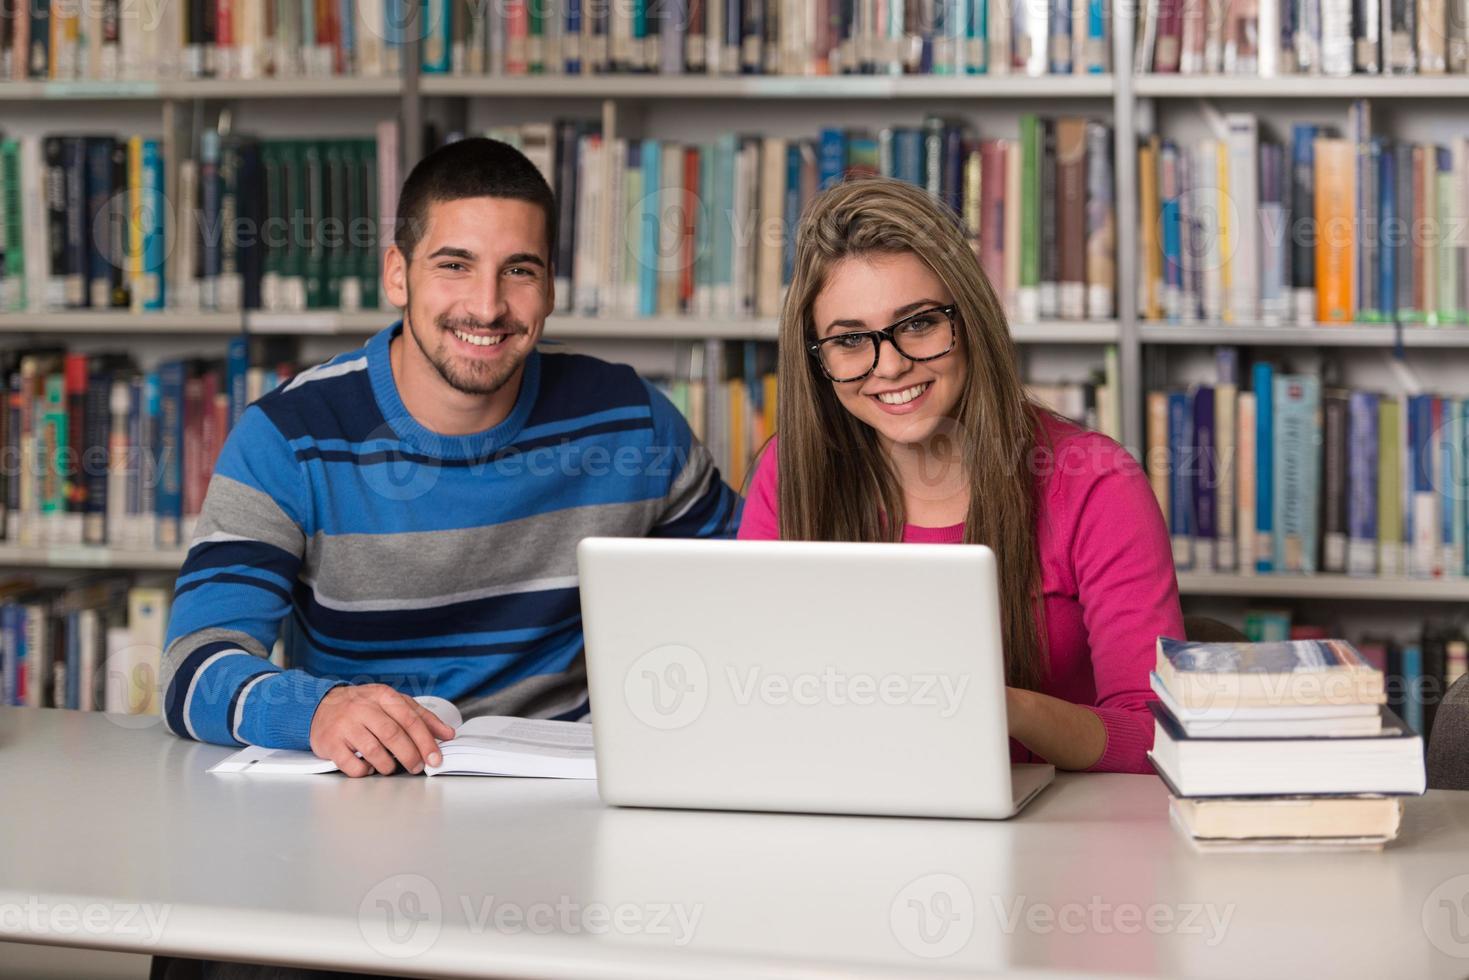 jeunes étudiants utilisant leur ordinateur portable dans une bibliothèque photo